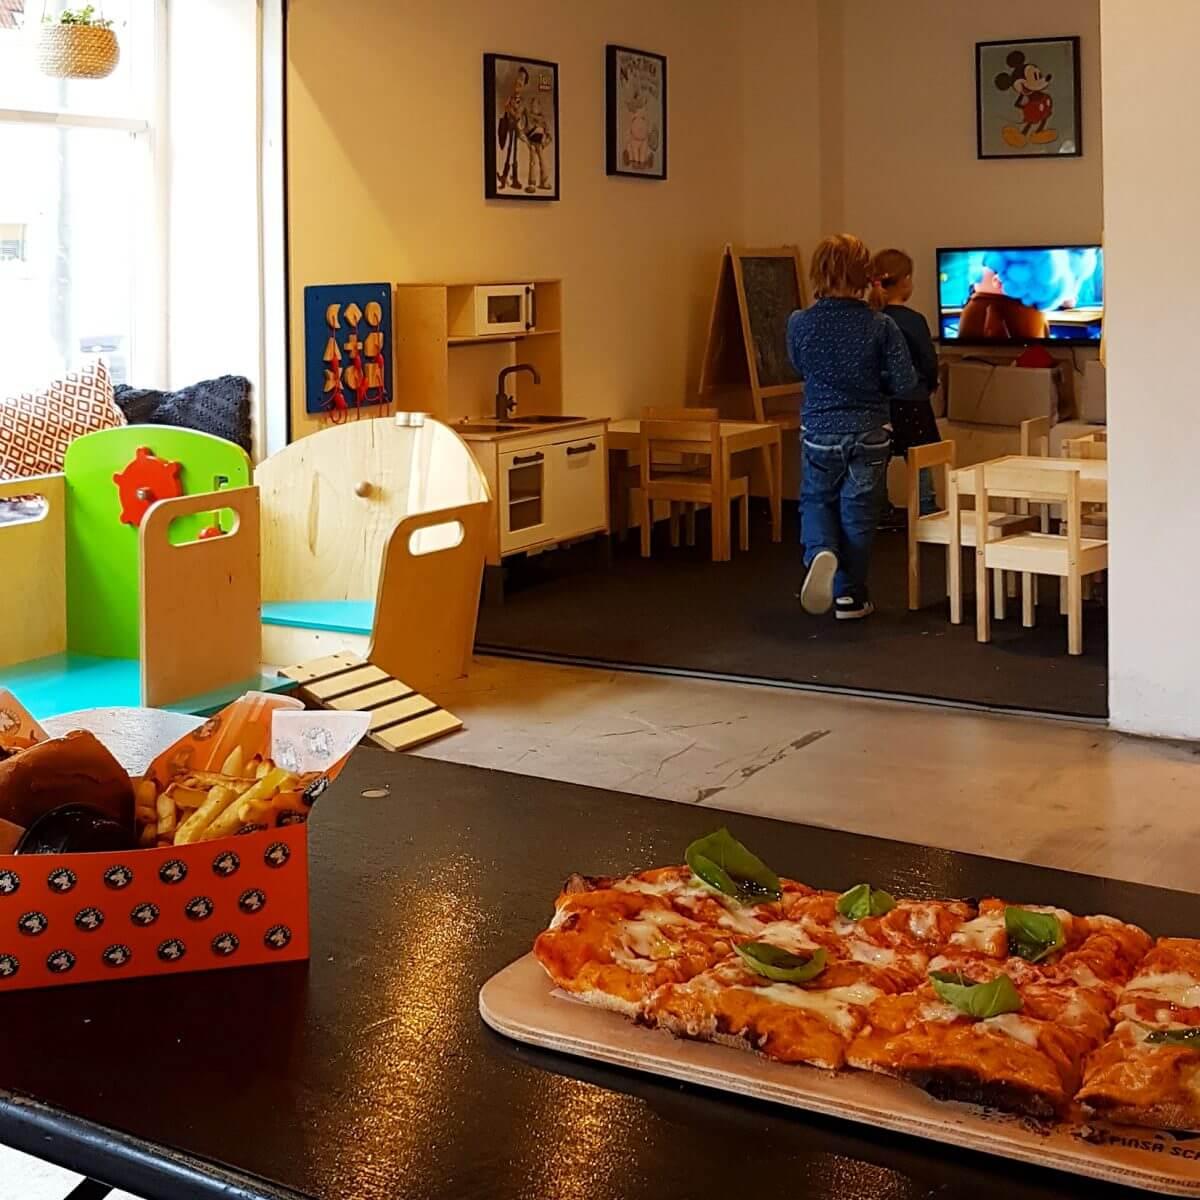 Vakantie met kids: sprookjesachtig Funen in Denemarken - moderne stad Odense met historie van Hans Andersen - Arkaden Food Market restaurant met speelhoek voor kinderen